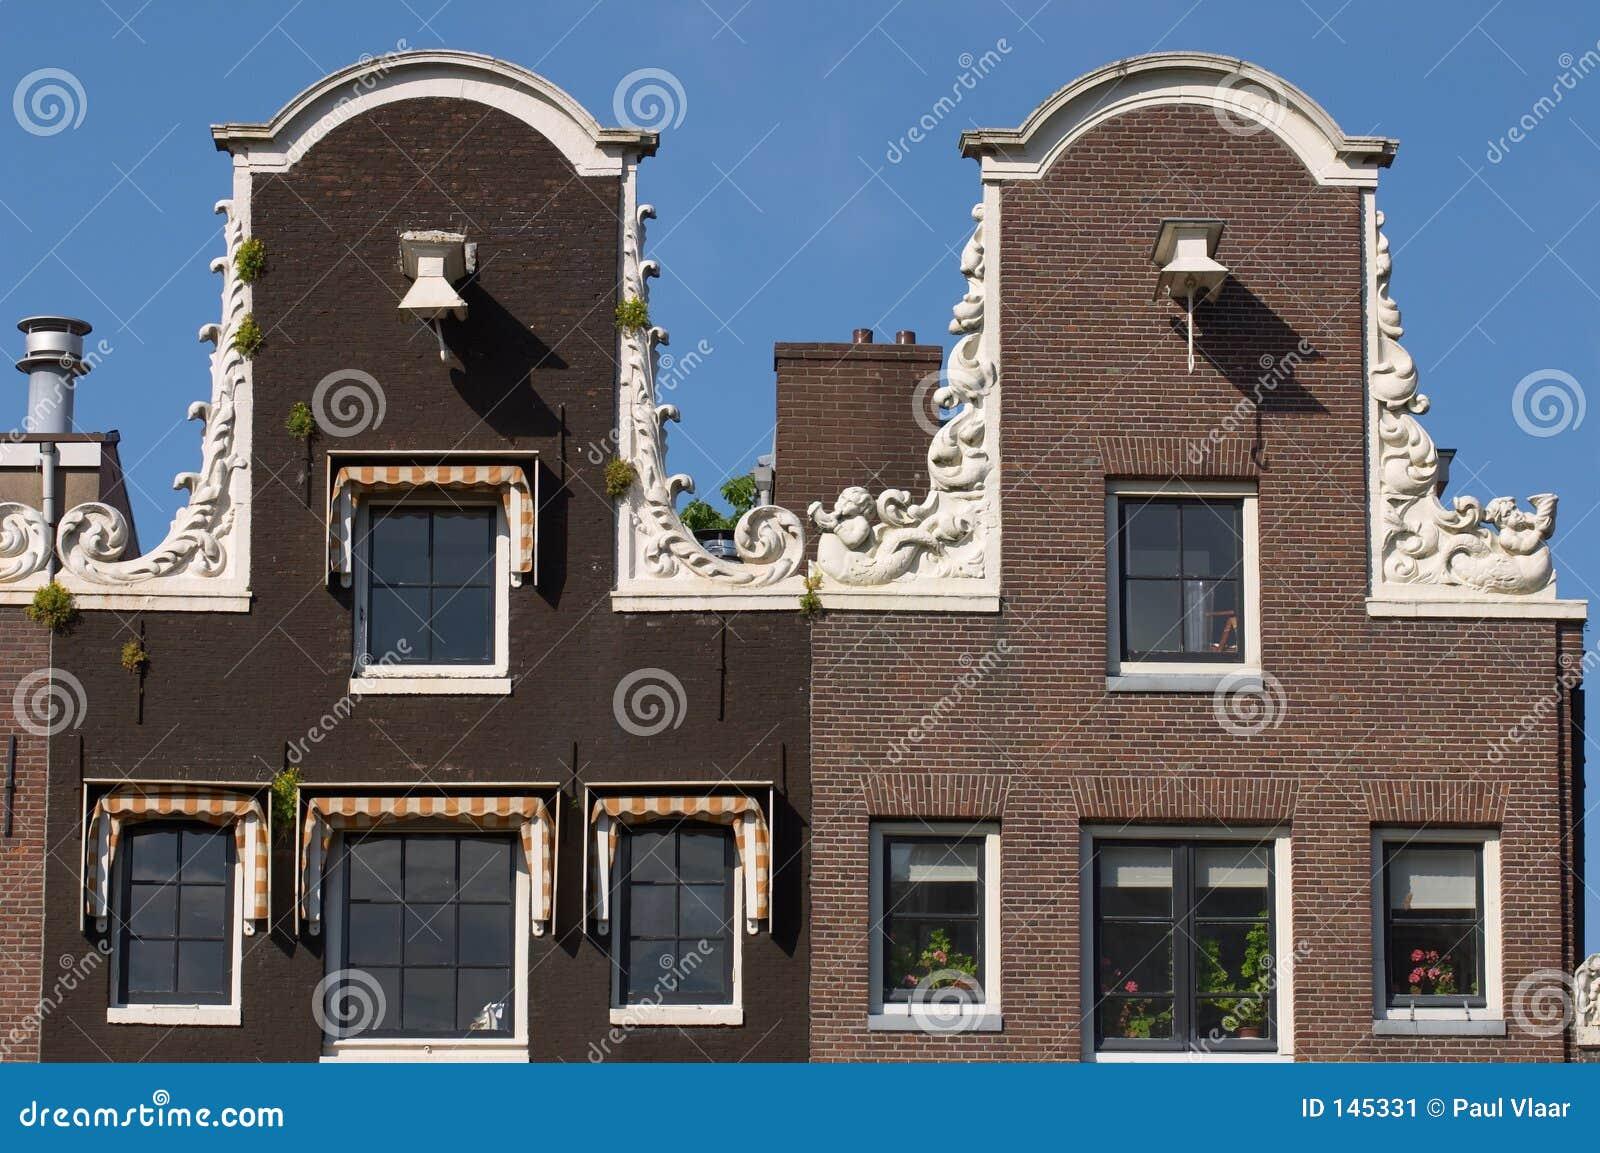 De huizen van het kanaal van amsterdam stock afbeelding afbeelding 145331 - Huizen van de wereldbank ...